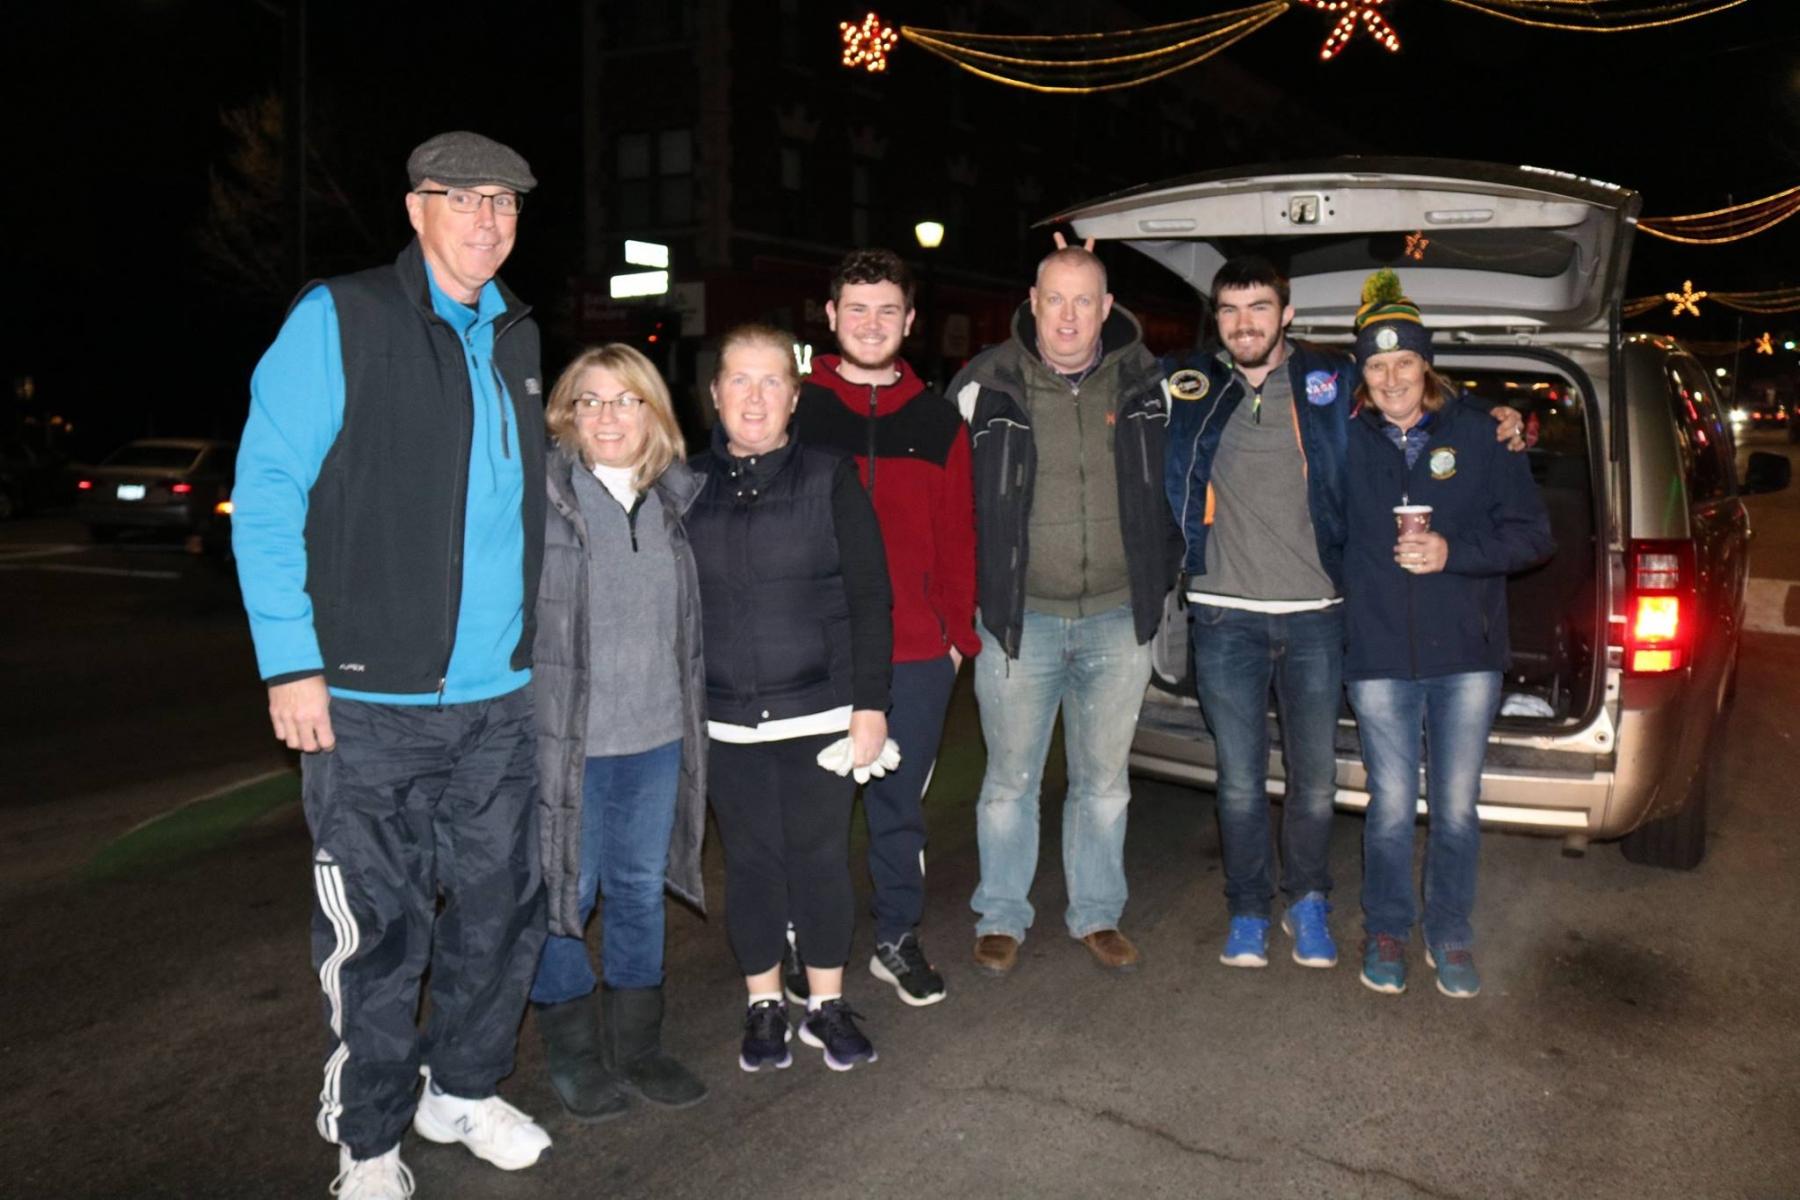 Irish Volunteers for the Homeless